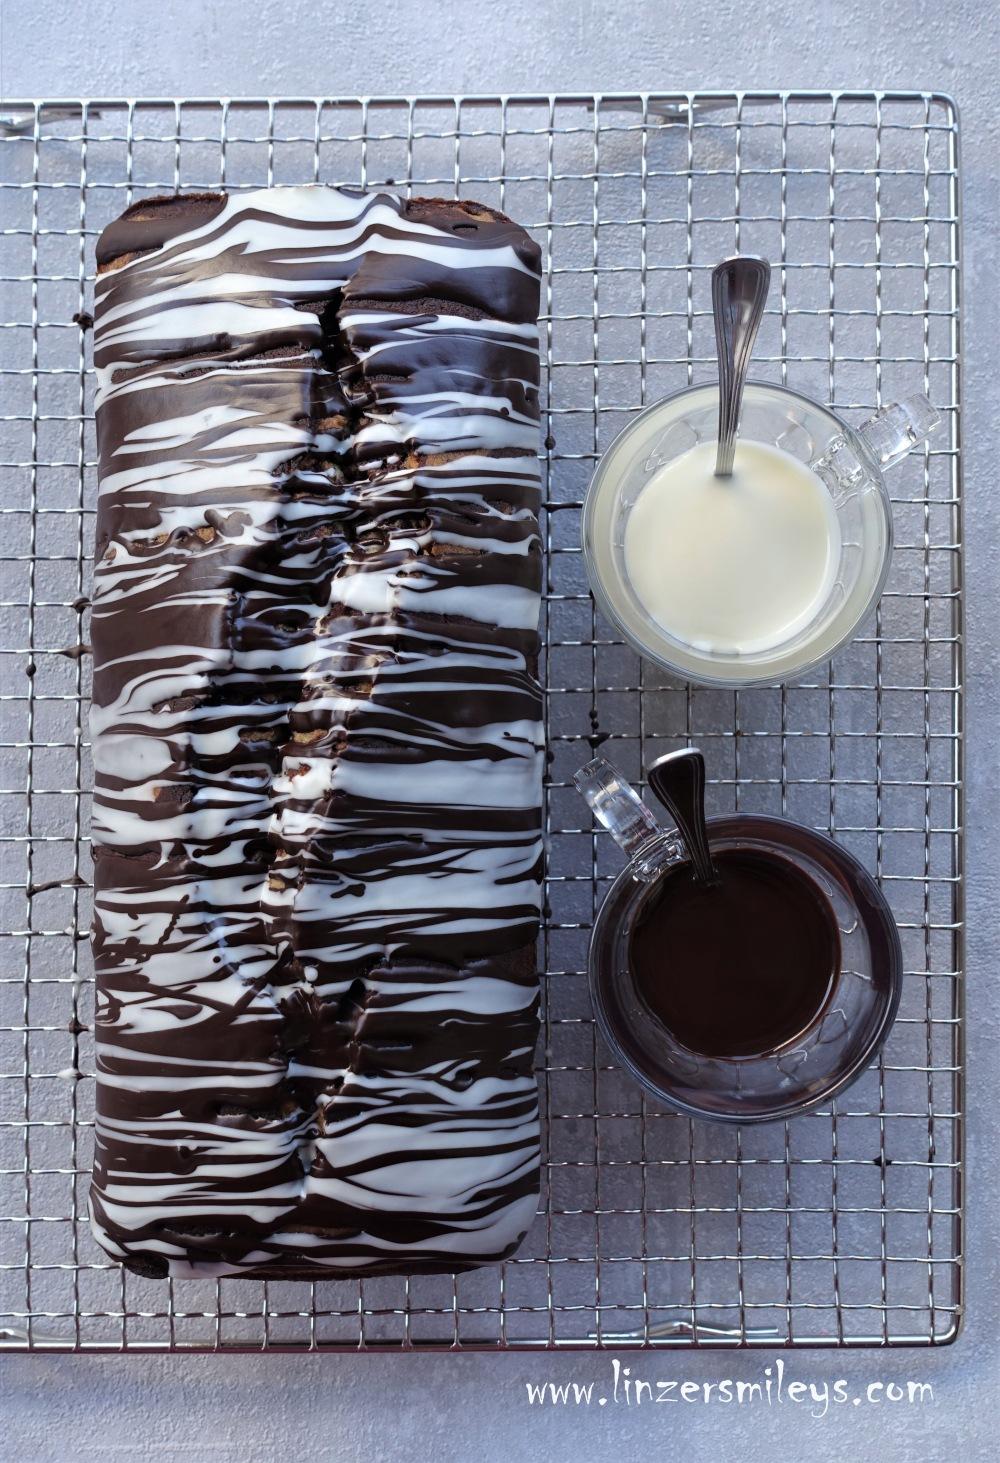 Zebrakuchen, Zebra Cake, Marmorkuchen im Streifenlook, hell und dunkel, black and white, kreativ backen